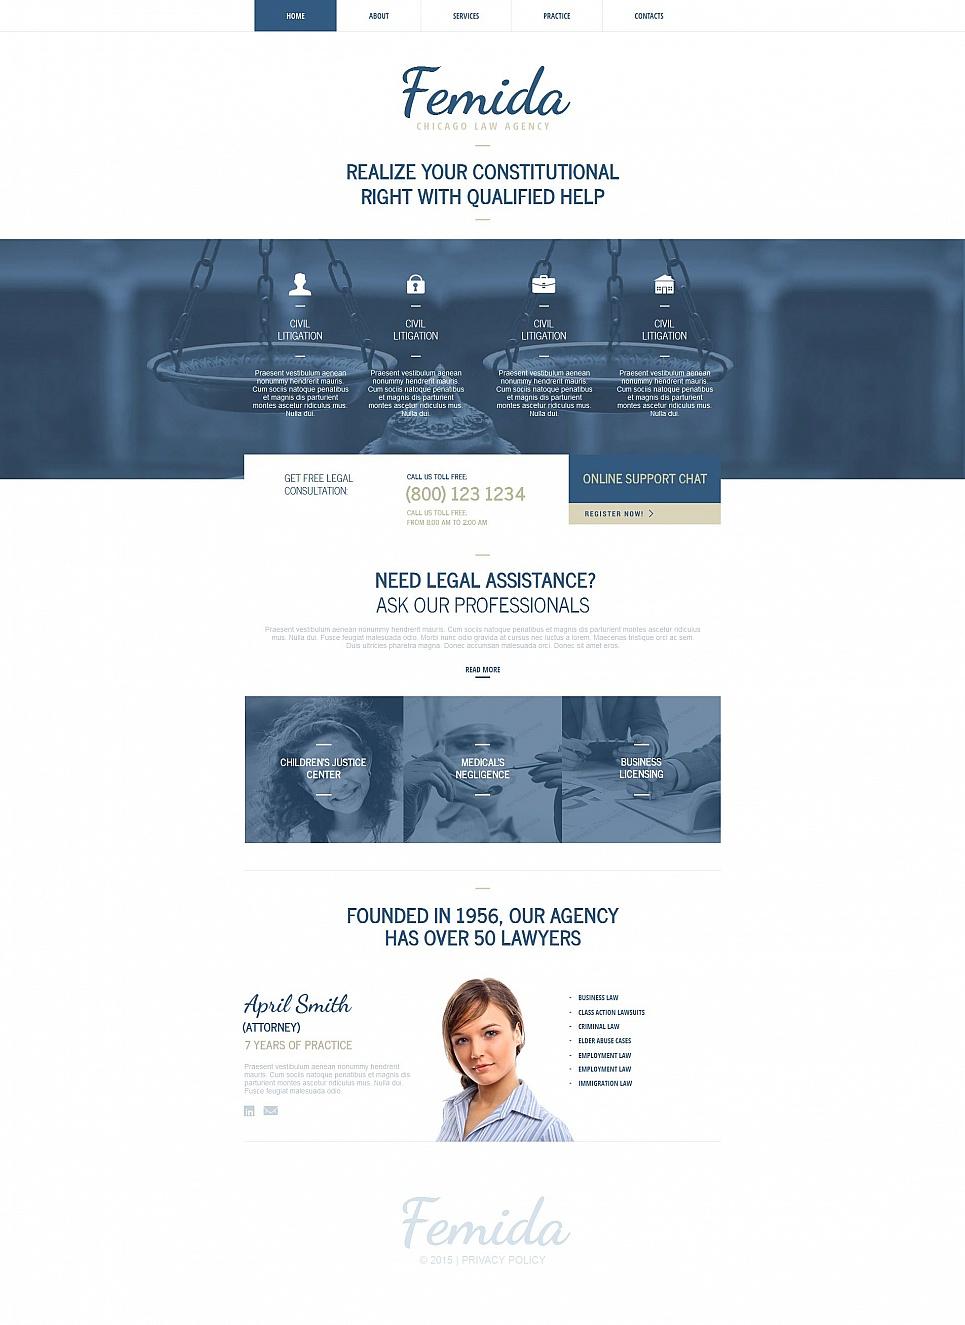 Law Agency Website Design - image